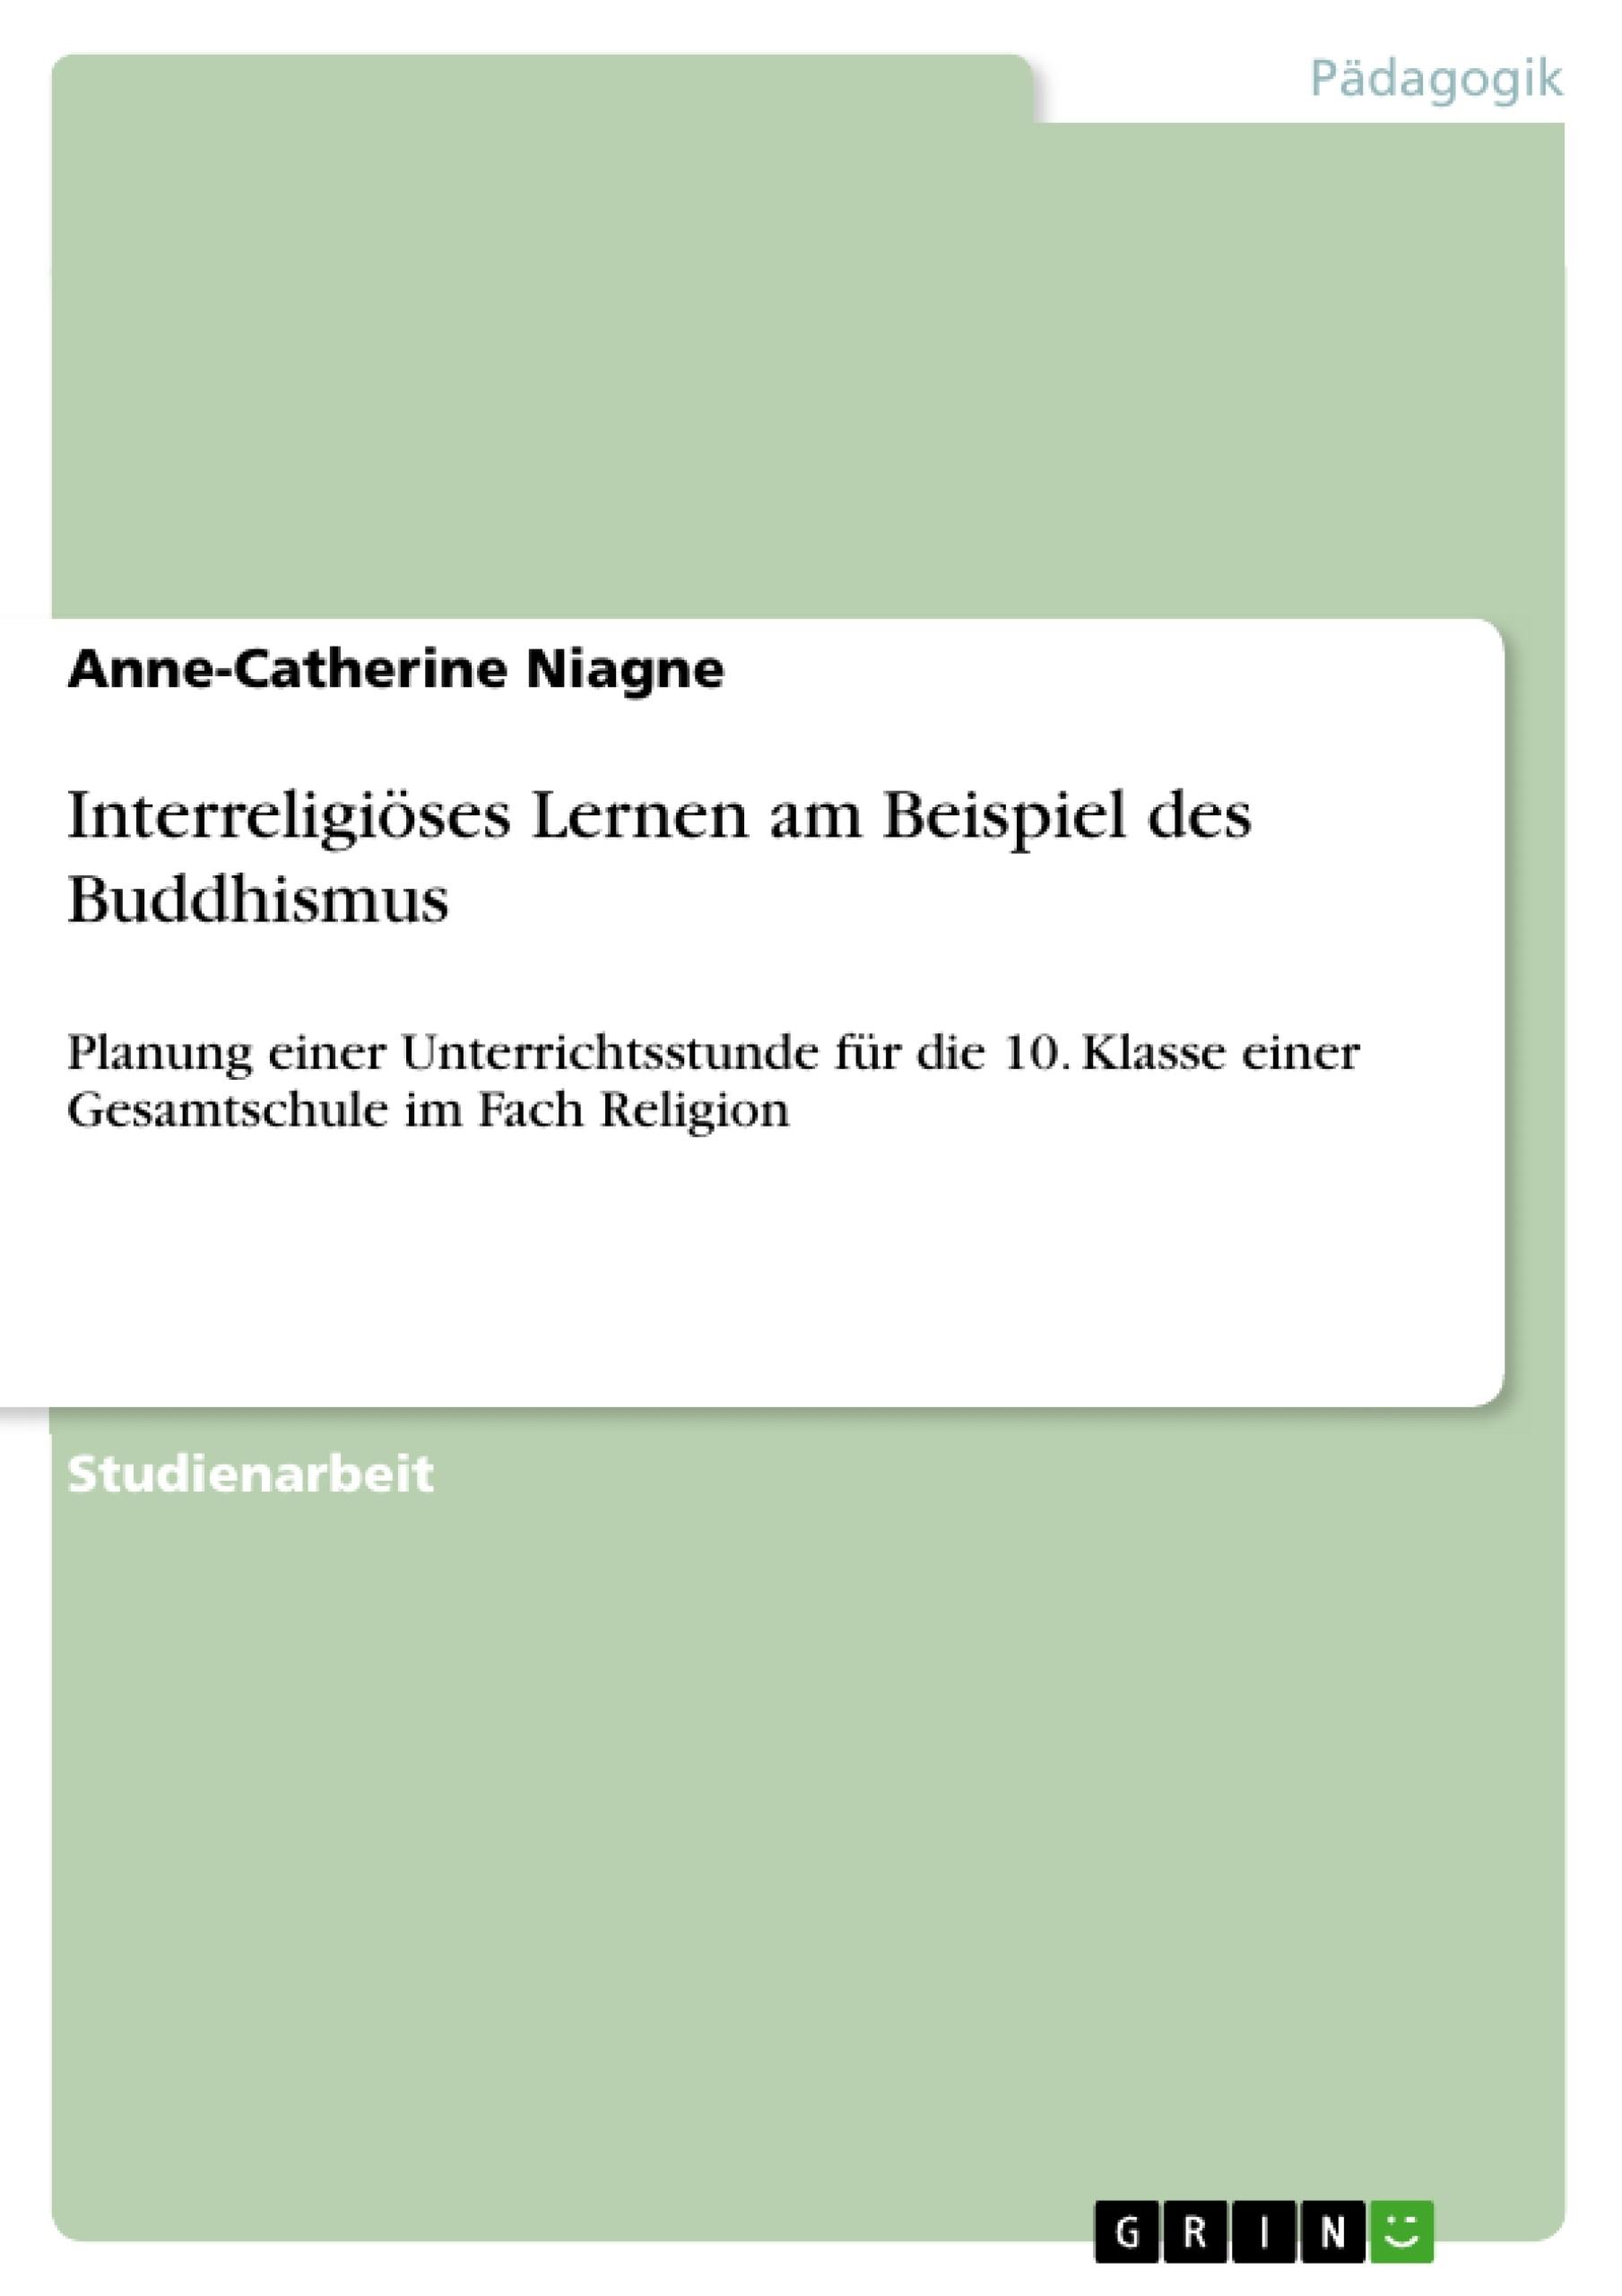 Titel: Interreligiöses Lernen am Beispiel des Buddhismus